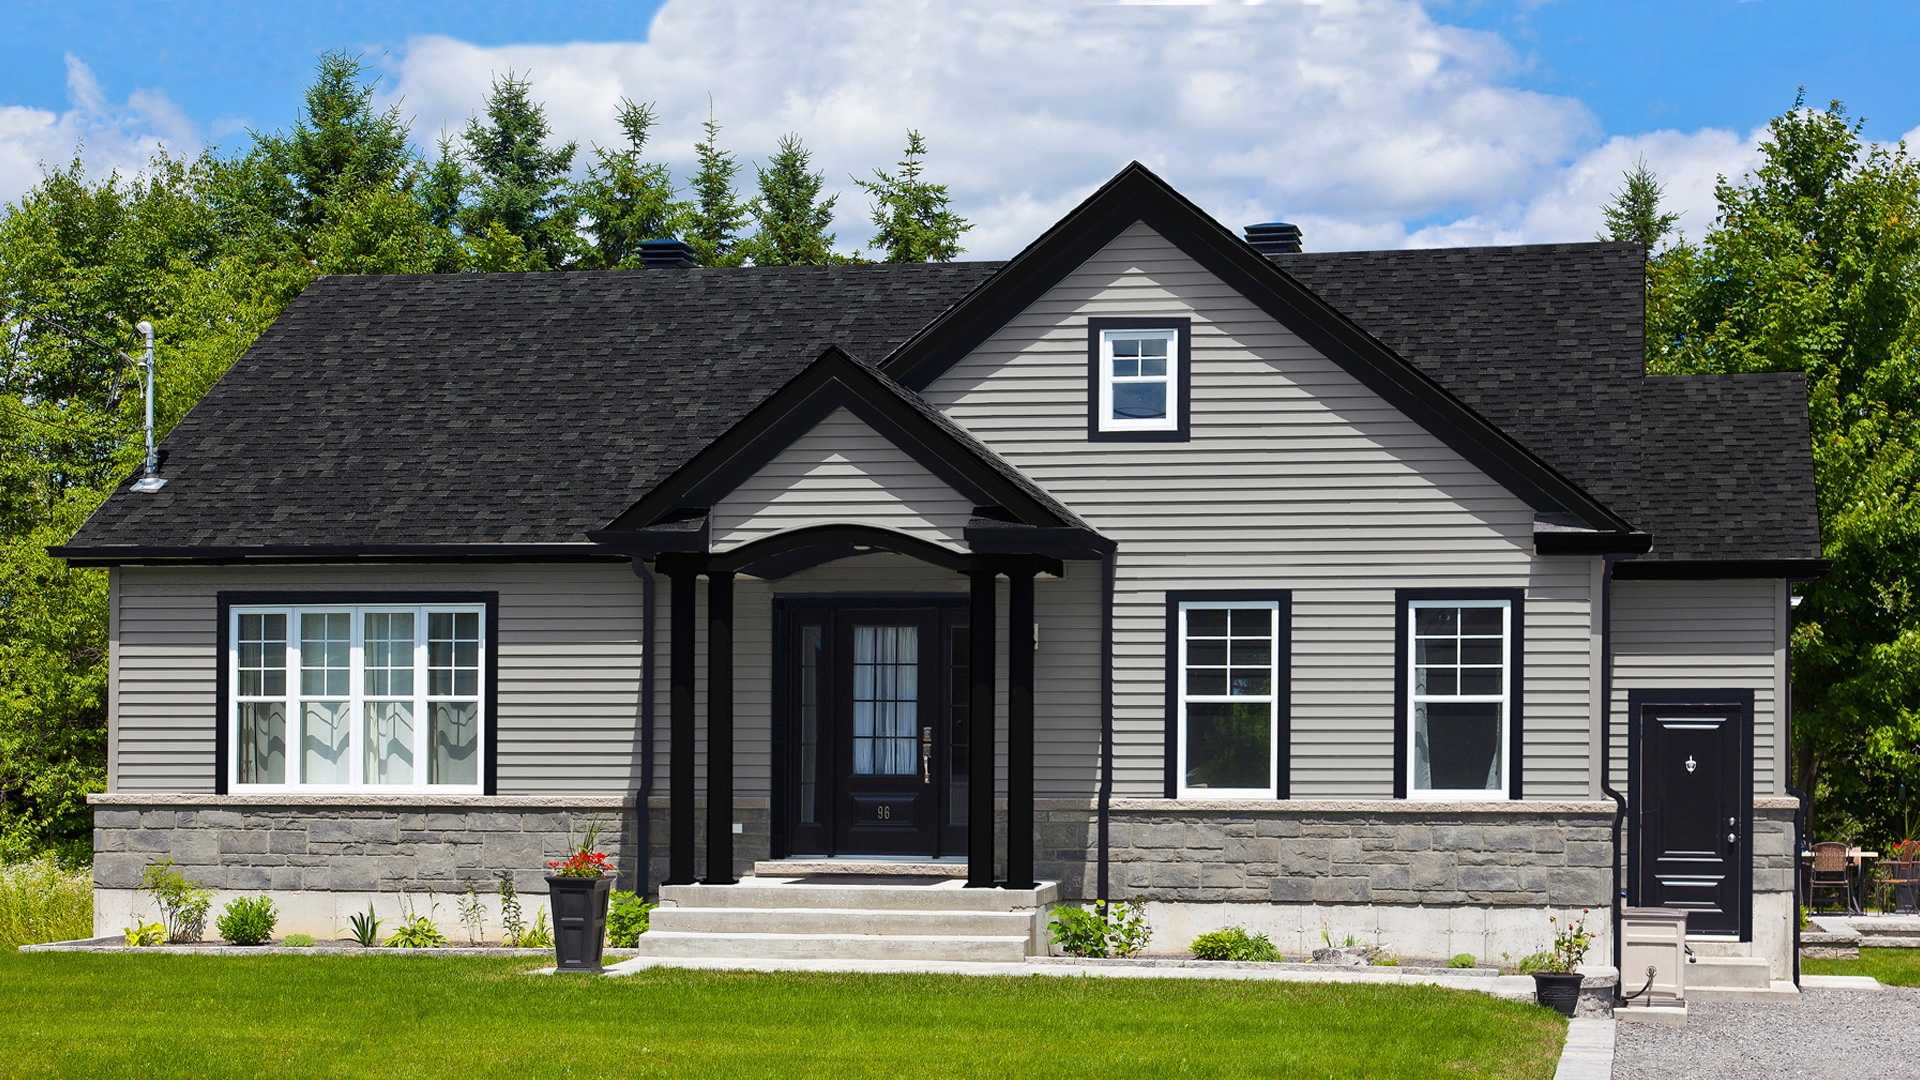 Mod le saint laurent maison de style tradition pro fab constructeur de maisons modulaires et for Maison profab prix